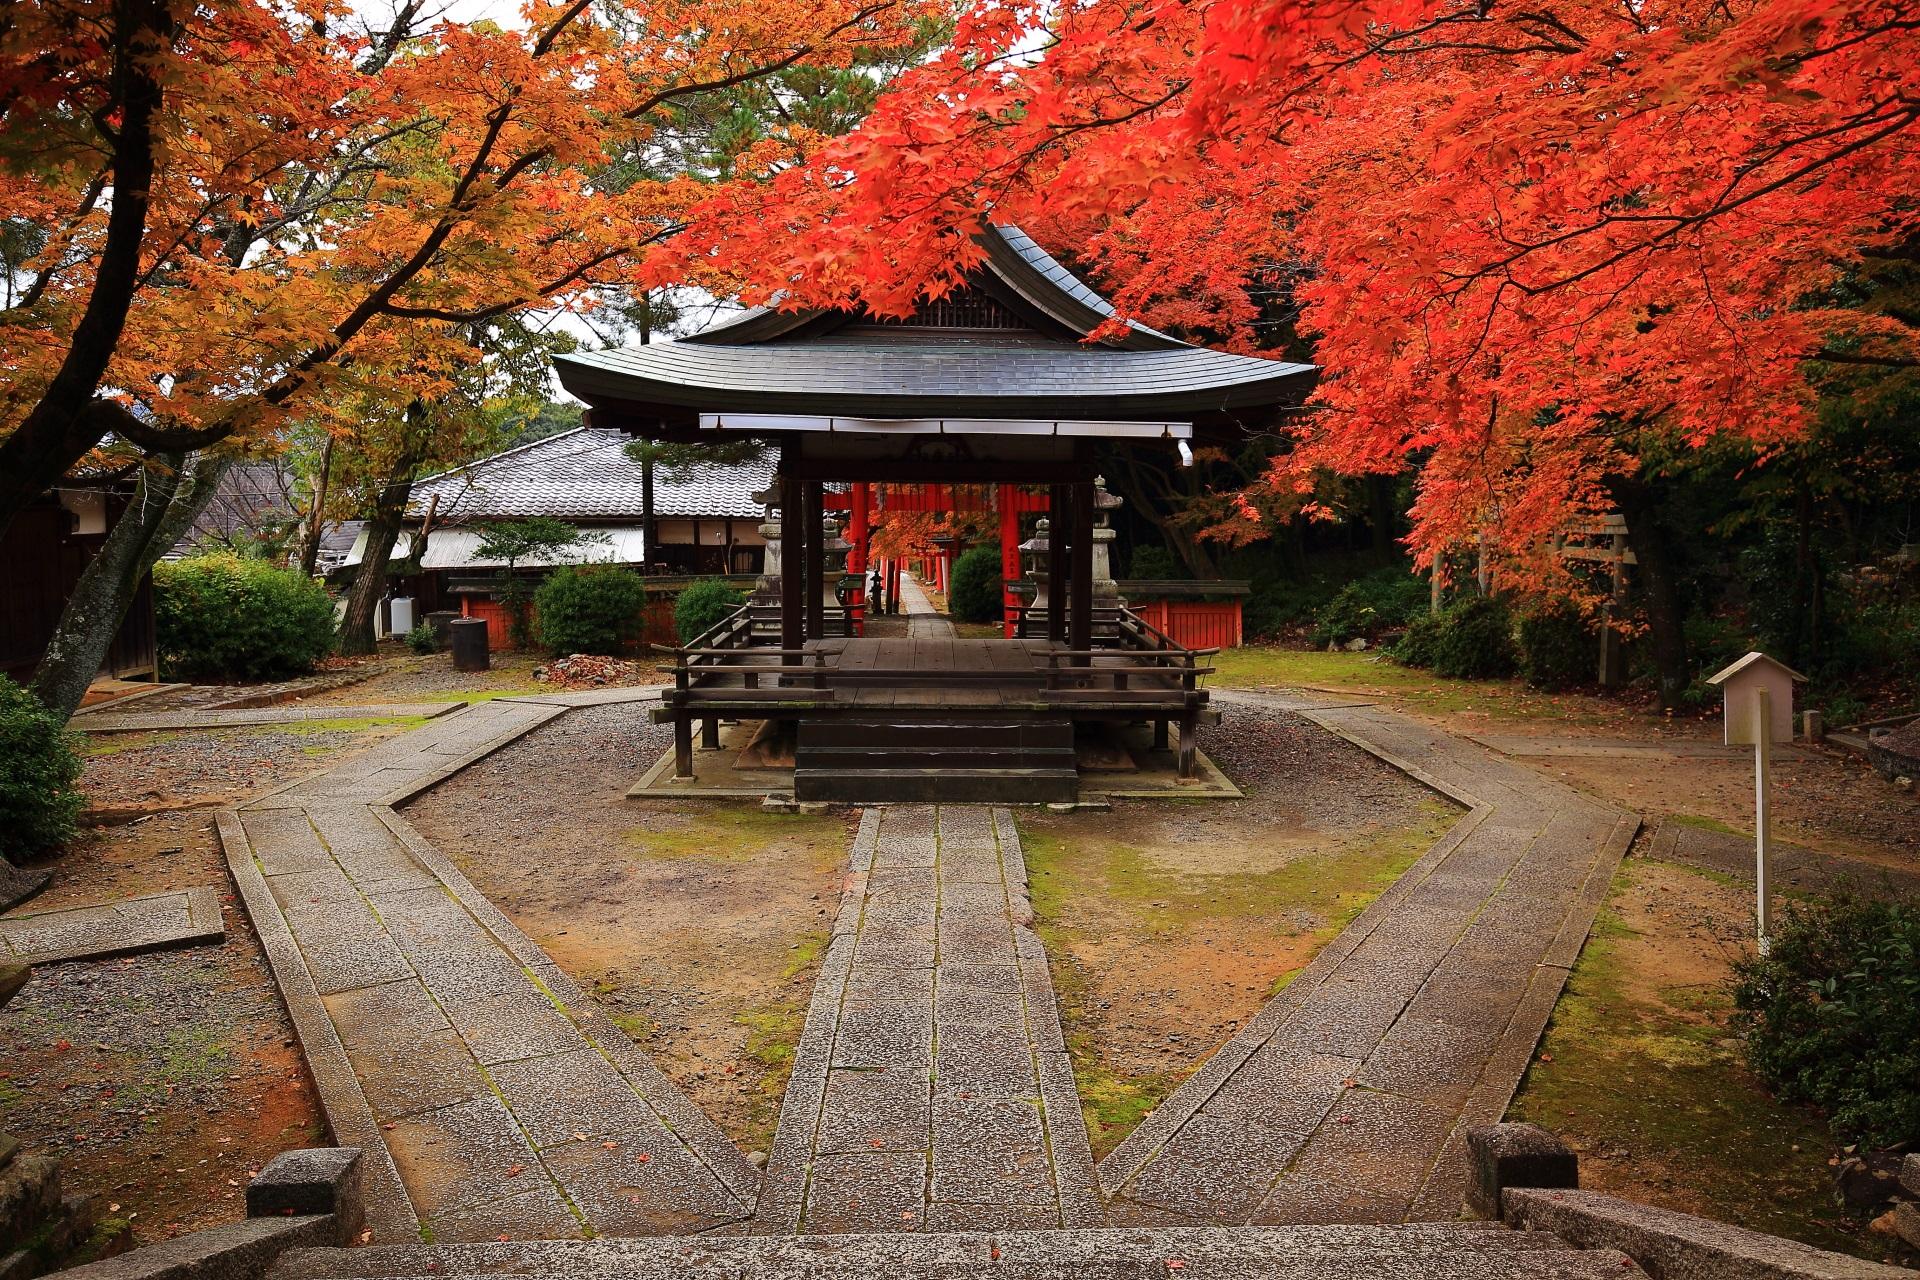 極上の紅葉の穴場の竹中稲荷神社